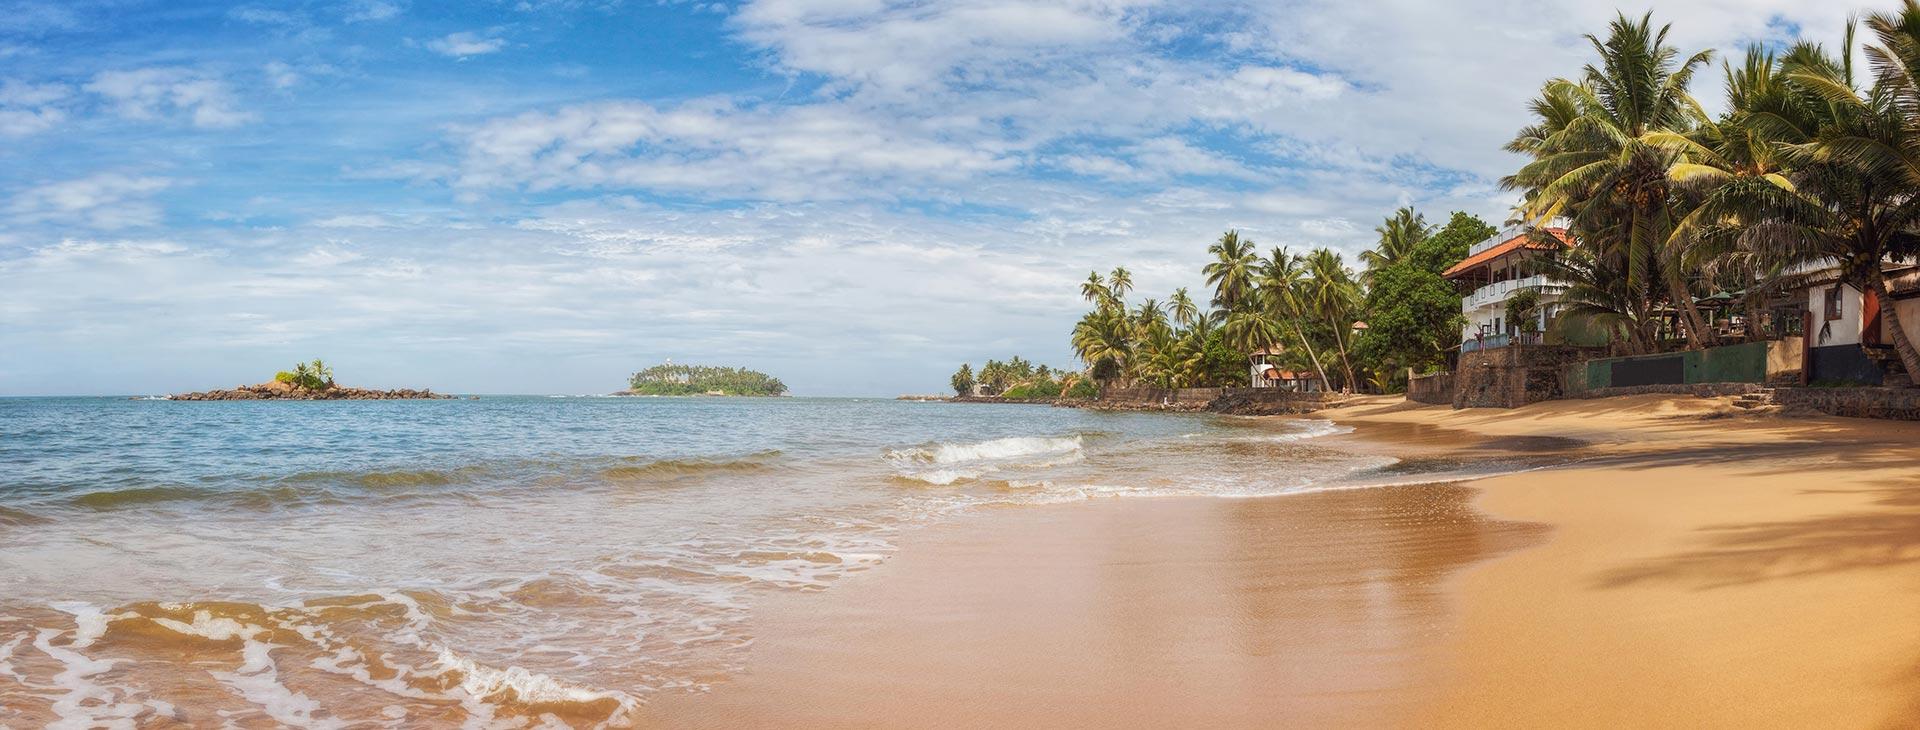 Earls Reef Sri Lanka Zachodnia Prowincja